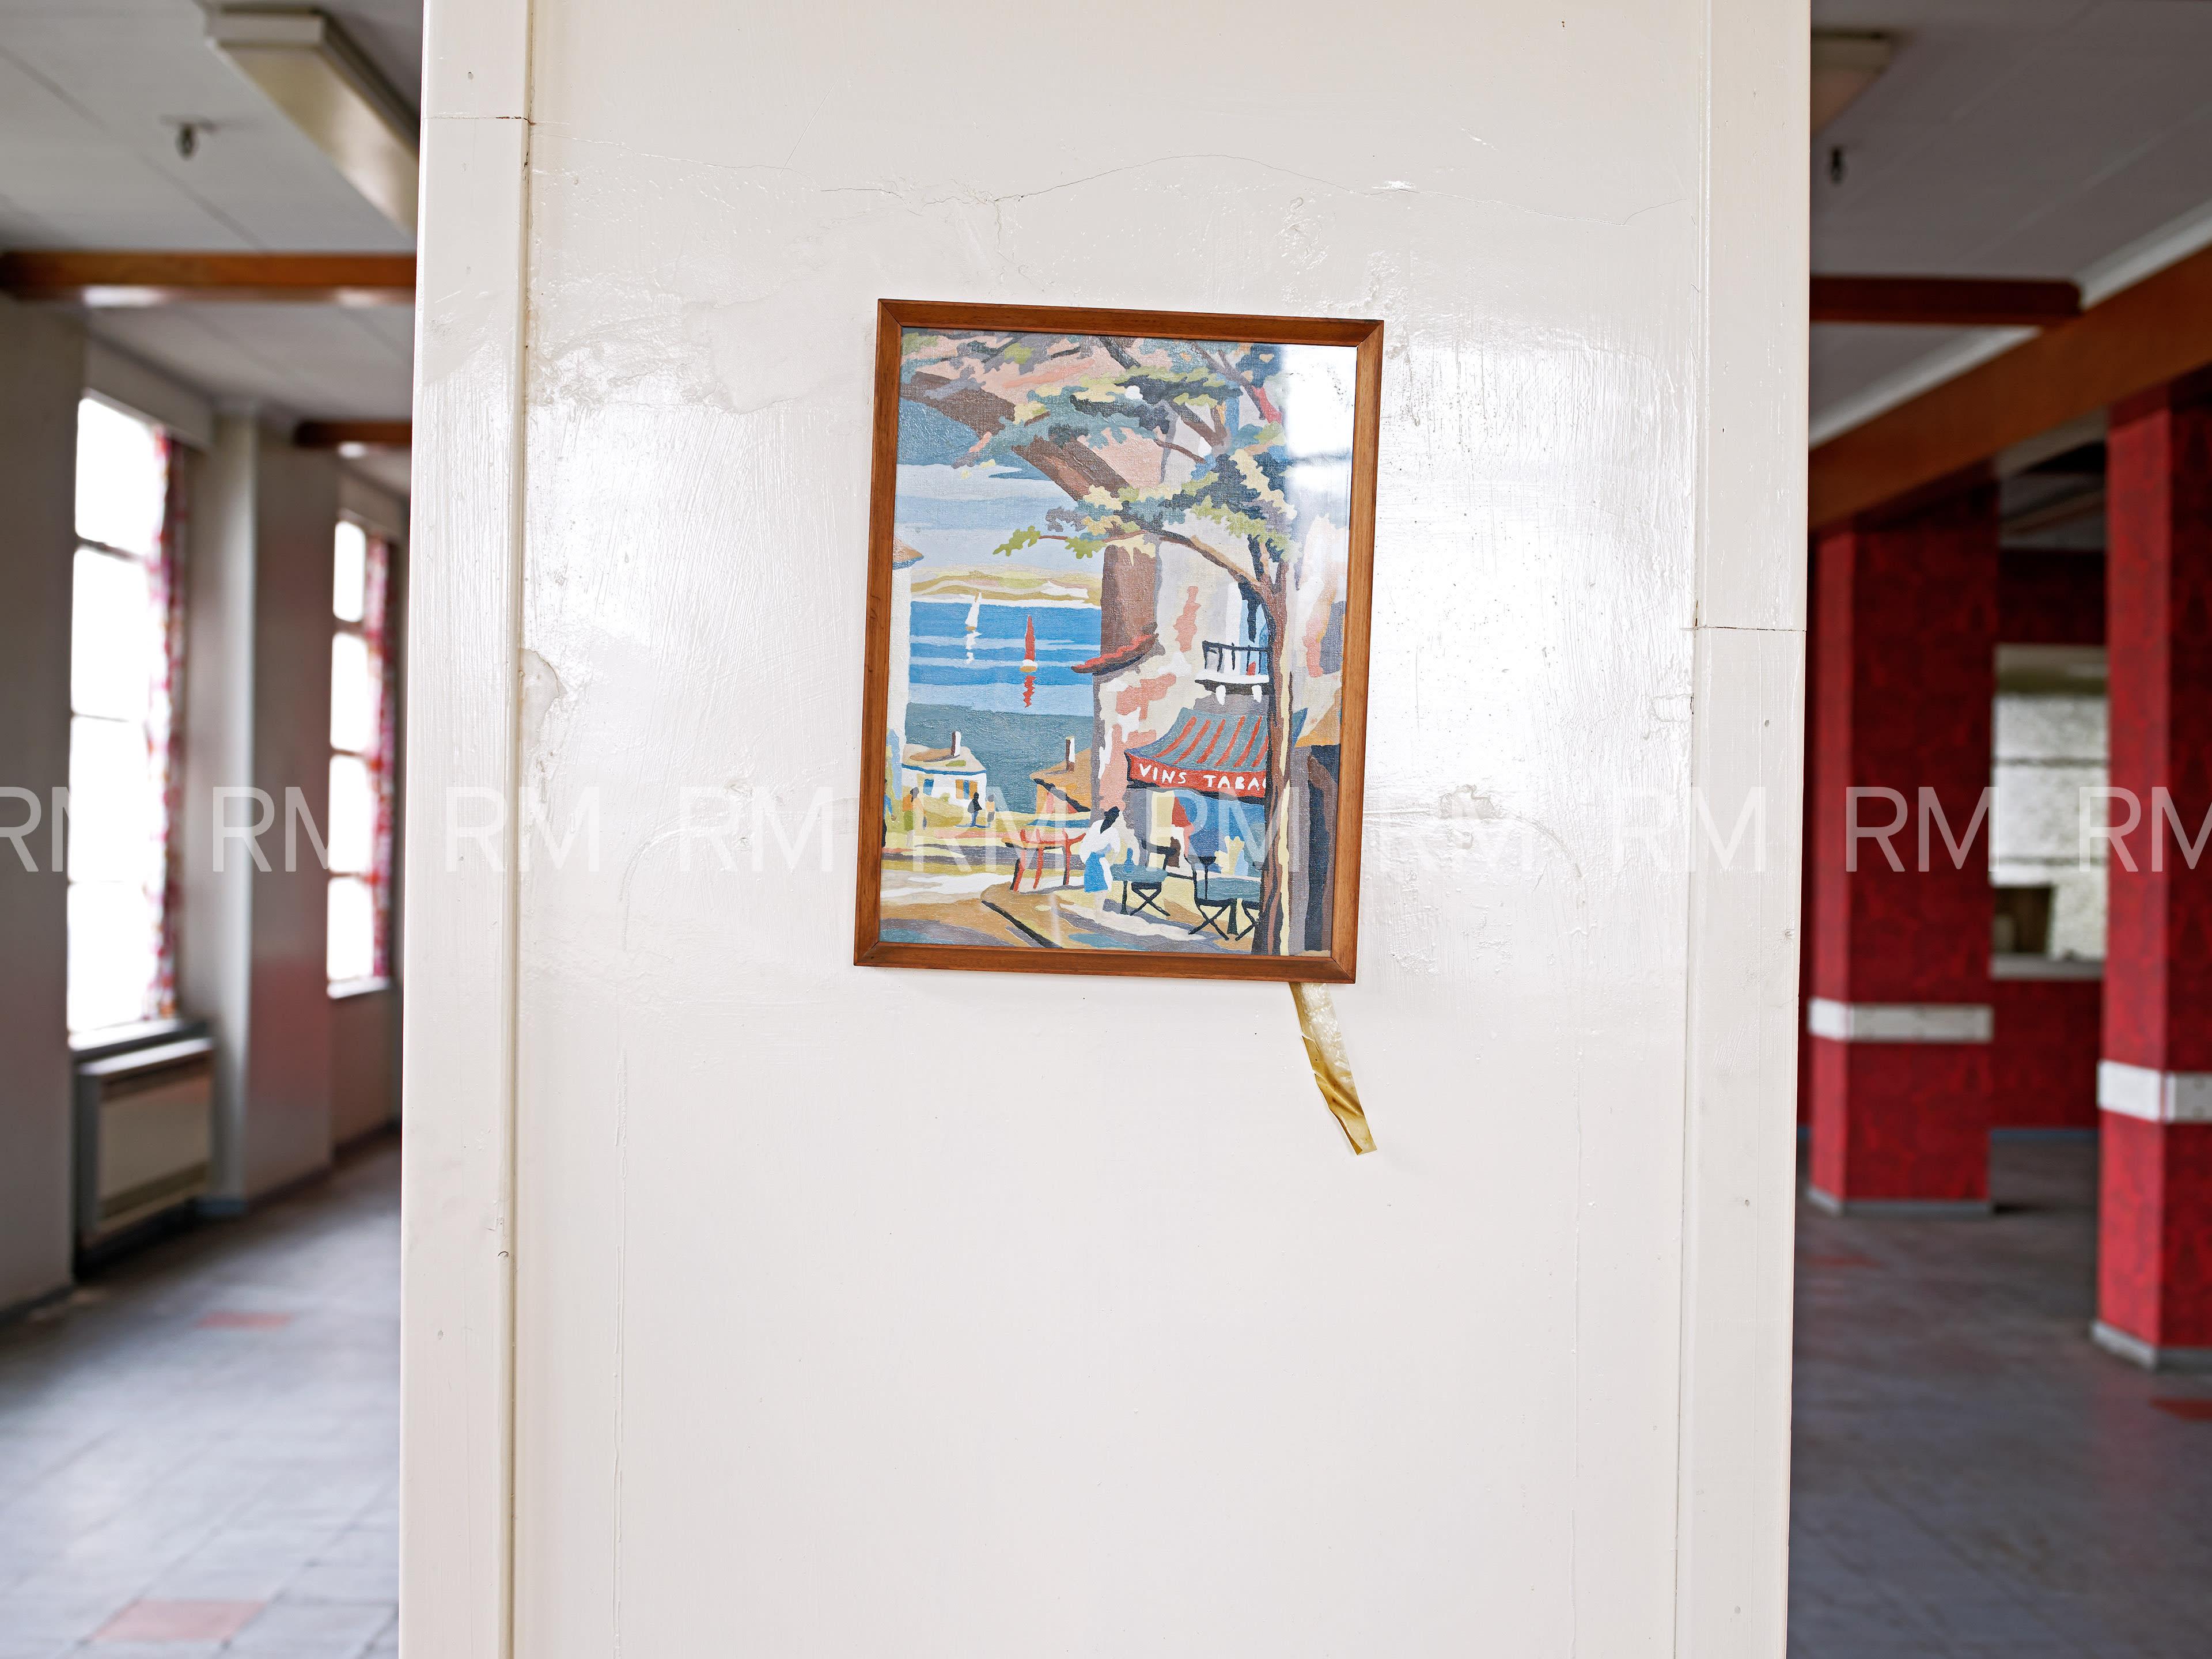 Richard Moran Detail 145